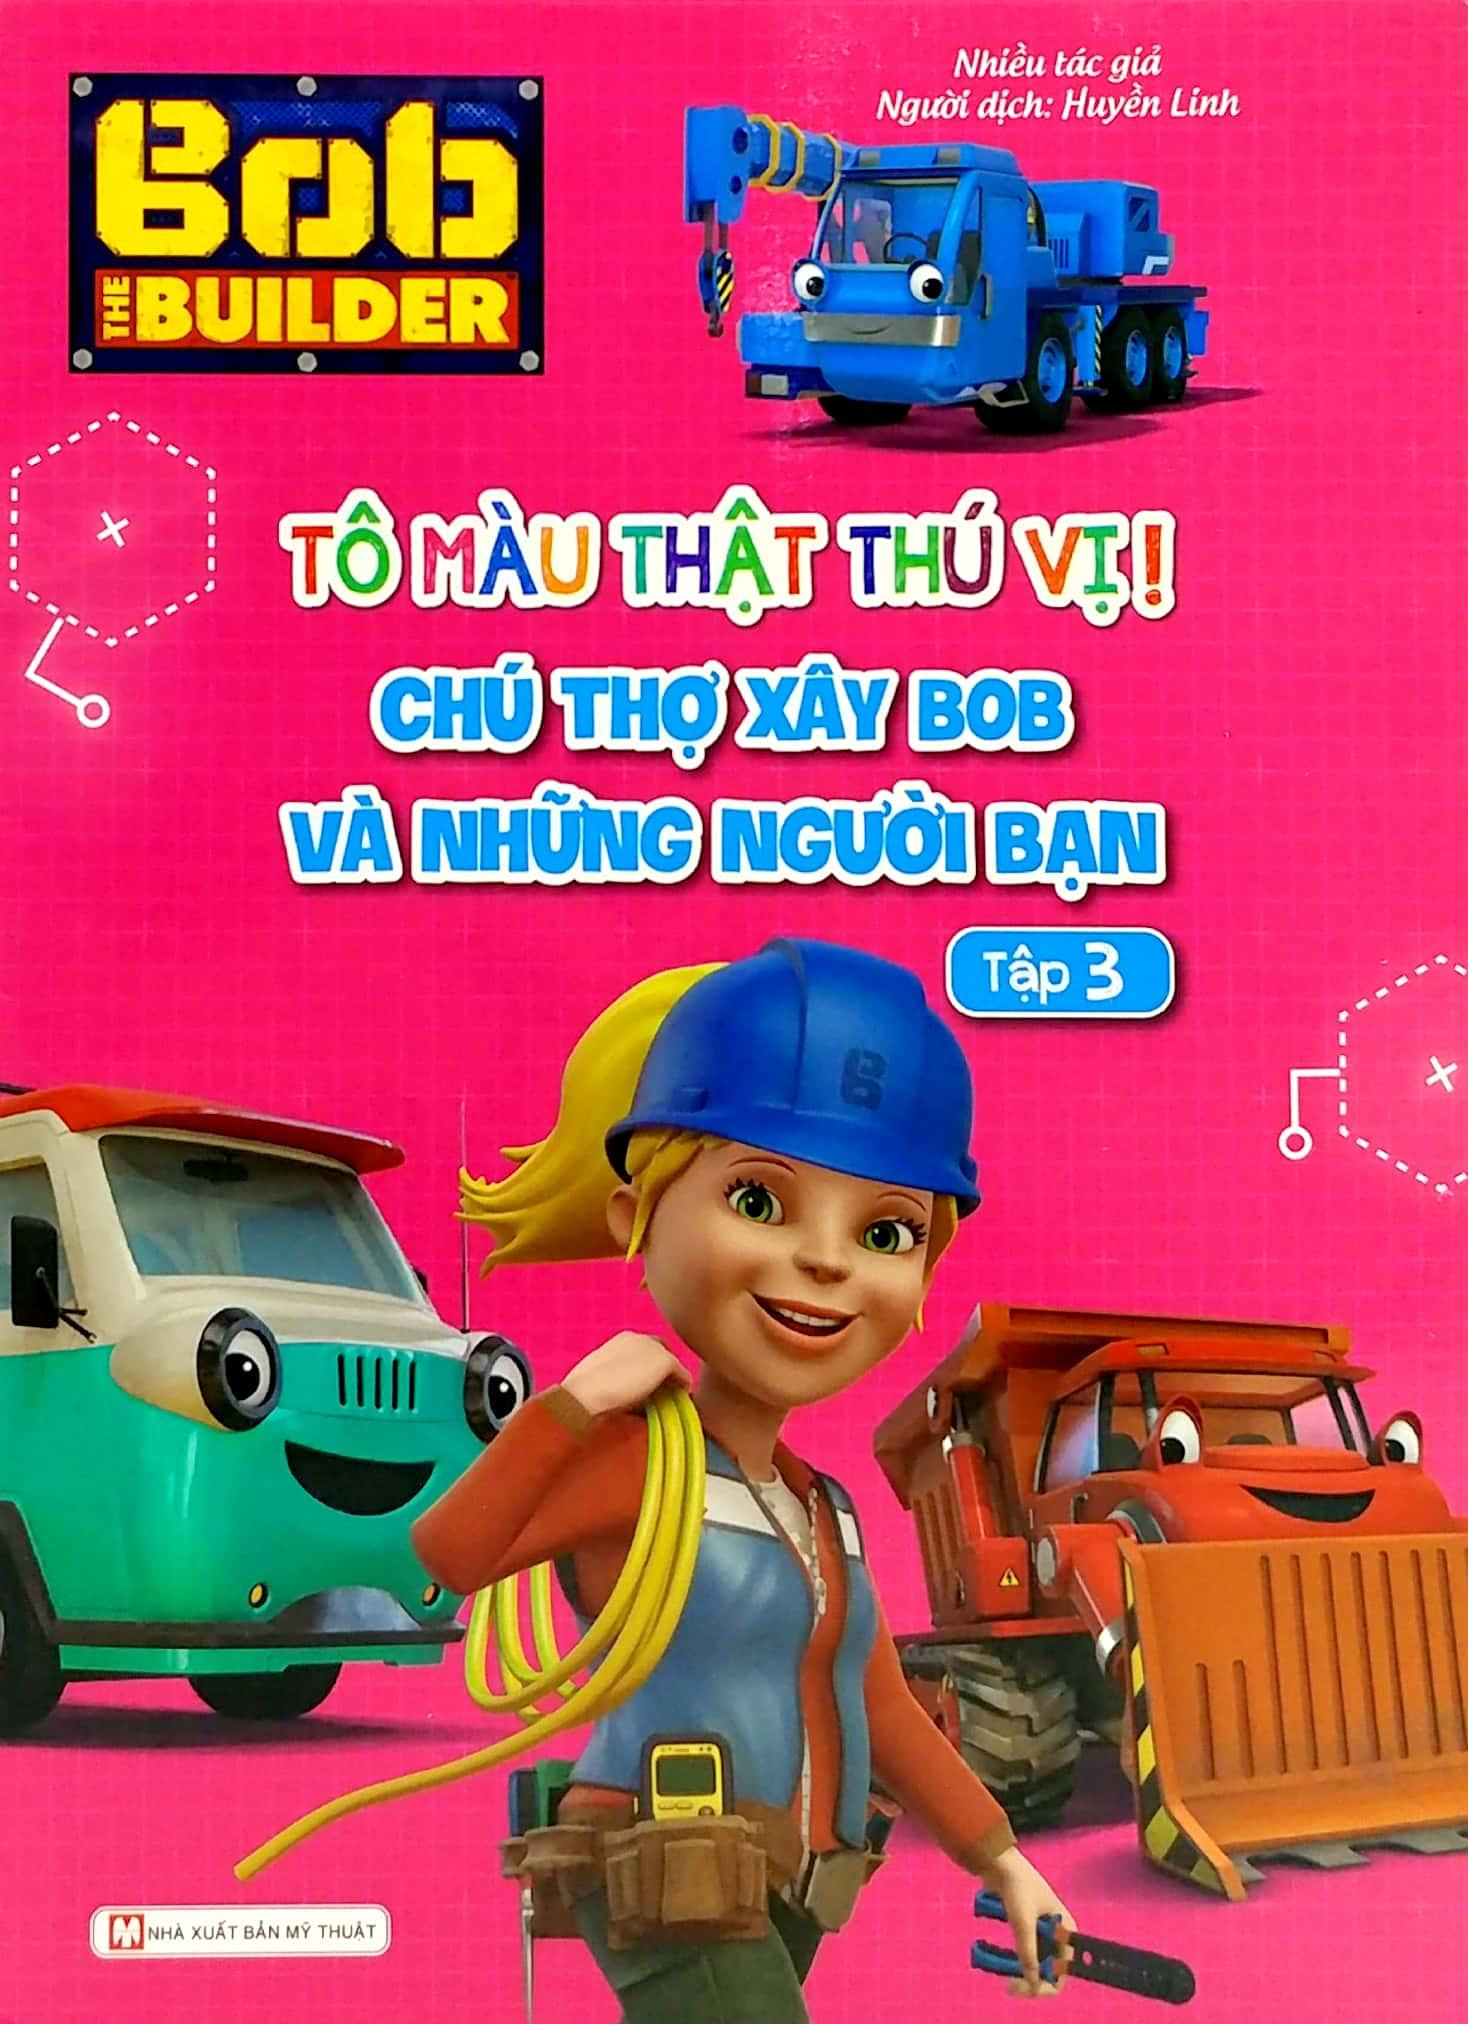 Bob The Builder-Tô Màu Thật Thú Vị-Chú Thợ Xây Bob Và Những Người Bạn 3